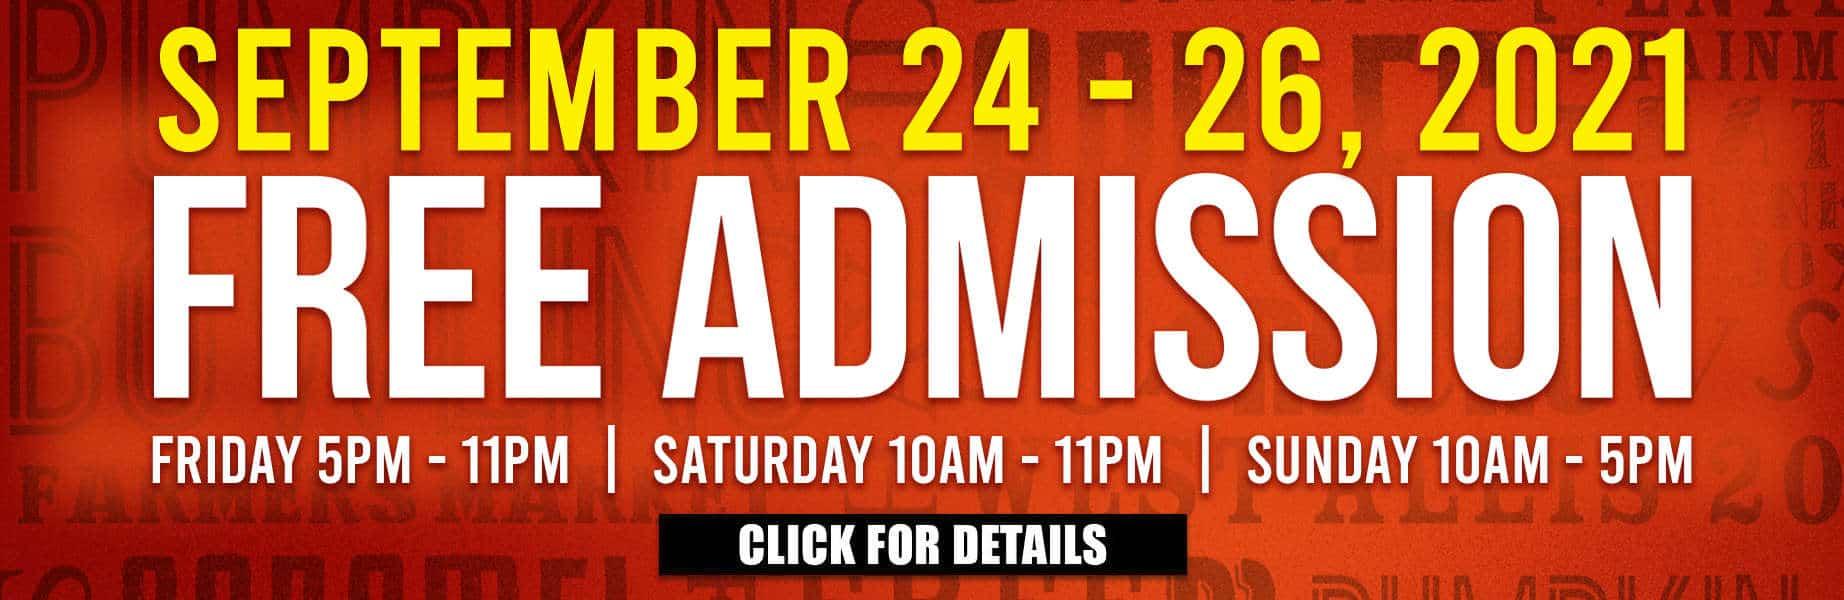 Harvest Fair September 24-26, 2021